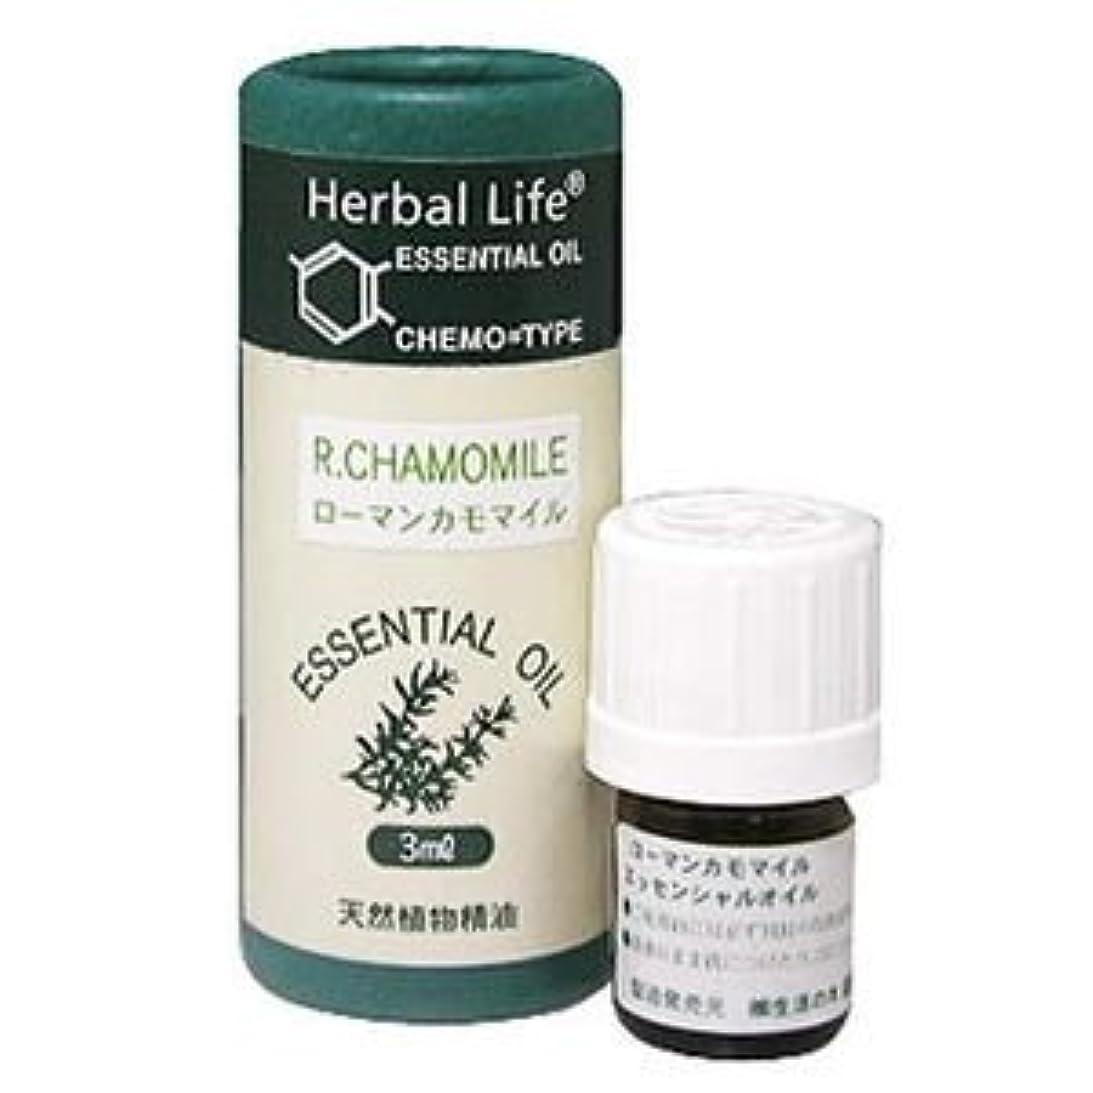 すでにベース励起Herbal Life カモマイル?ローマン 3ml